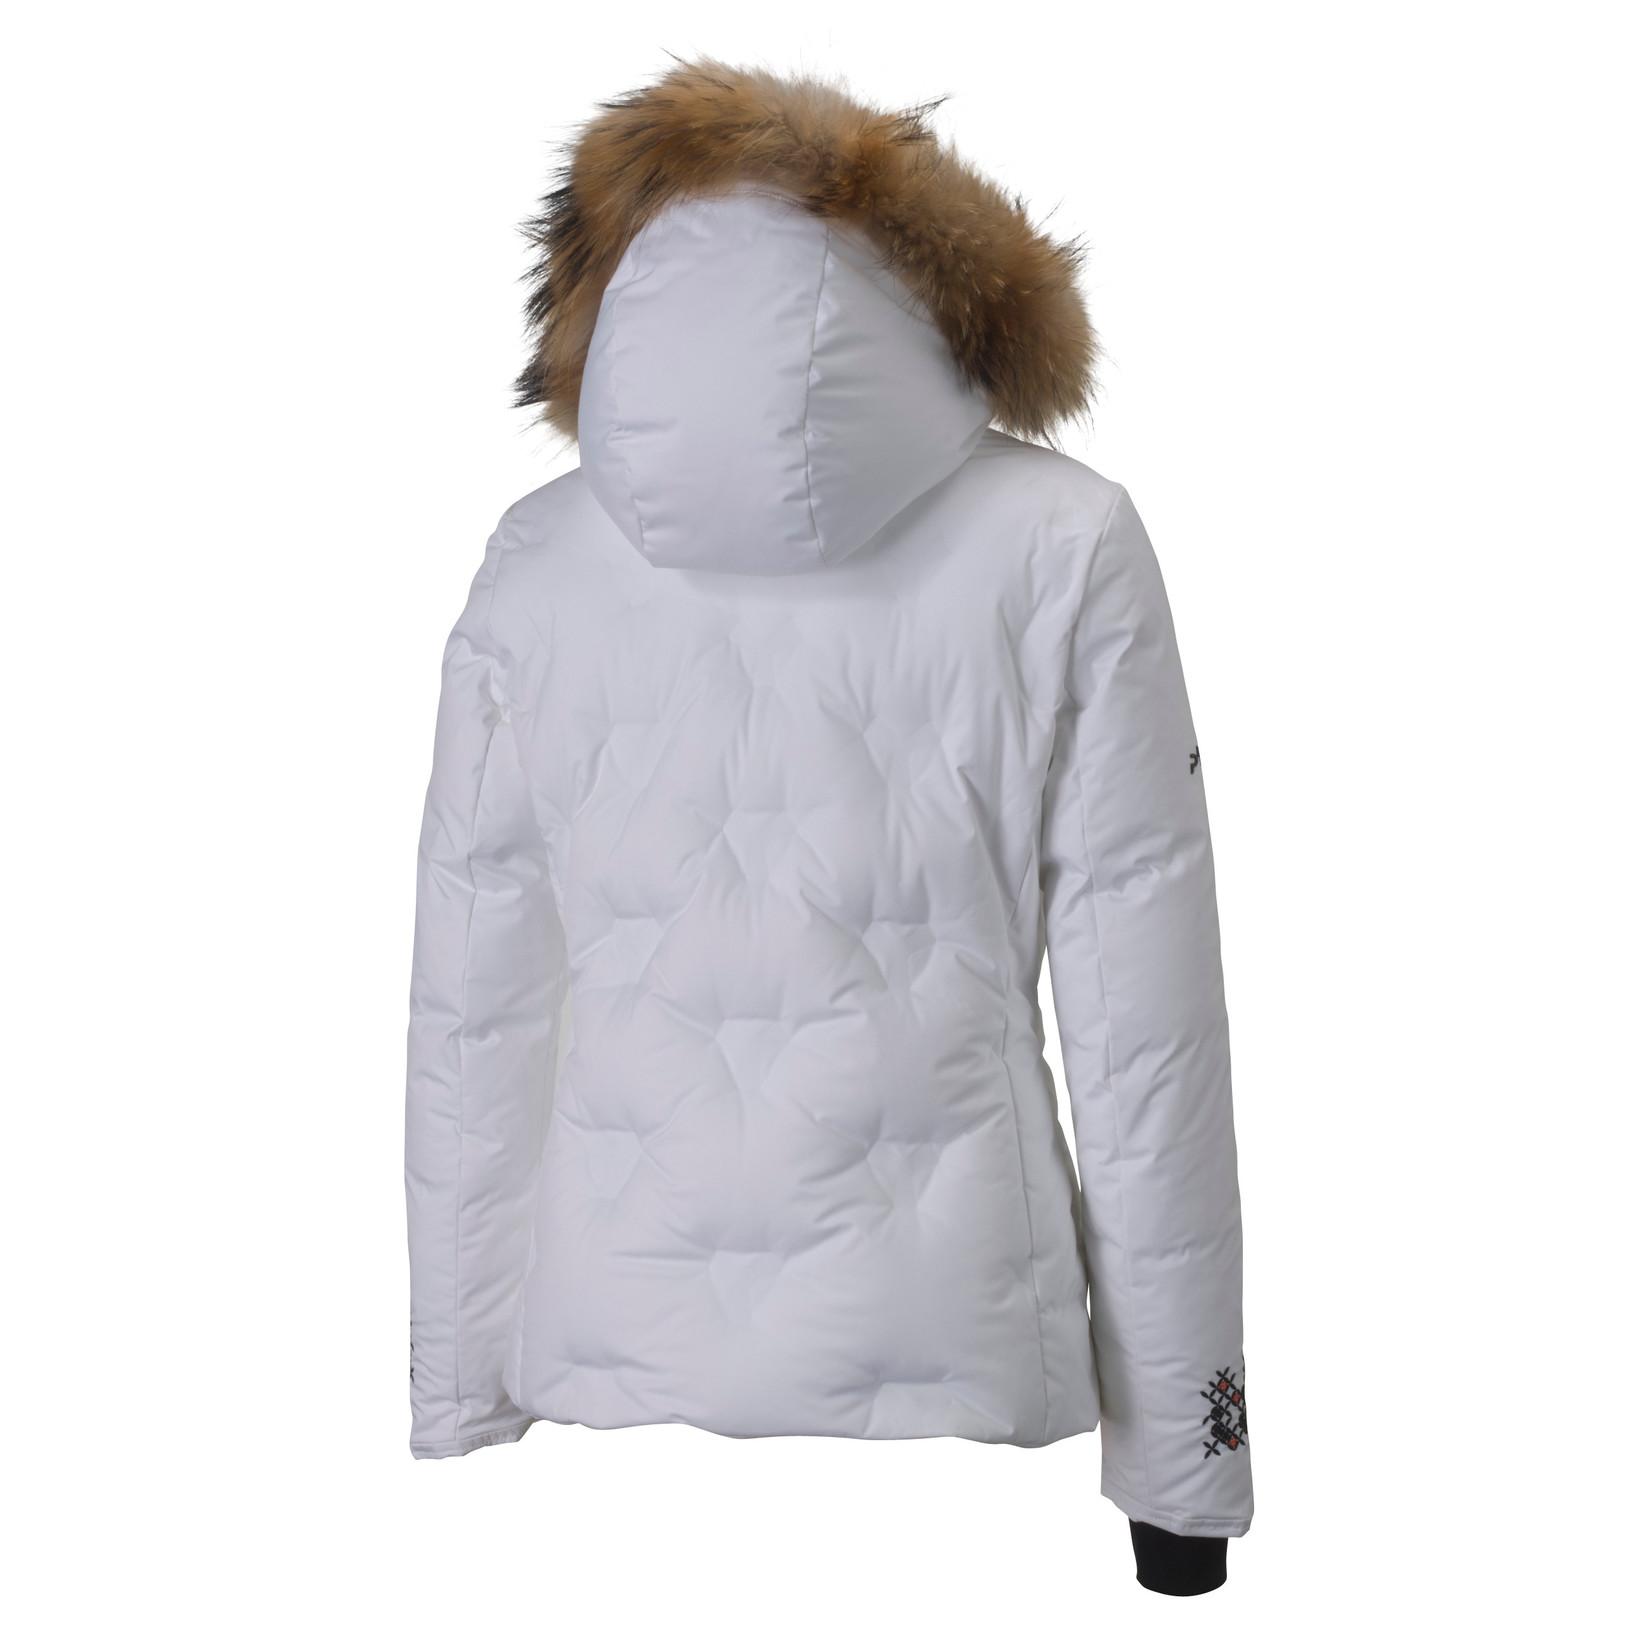 PHENIX Rose Jacket